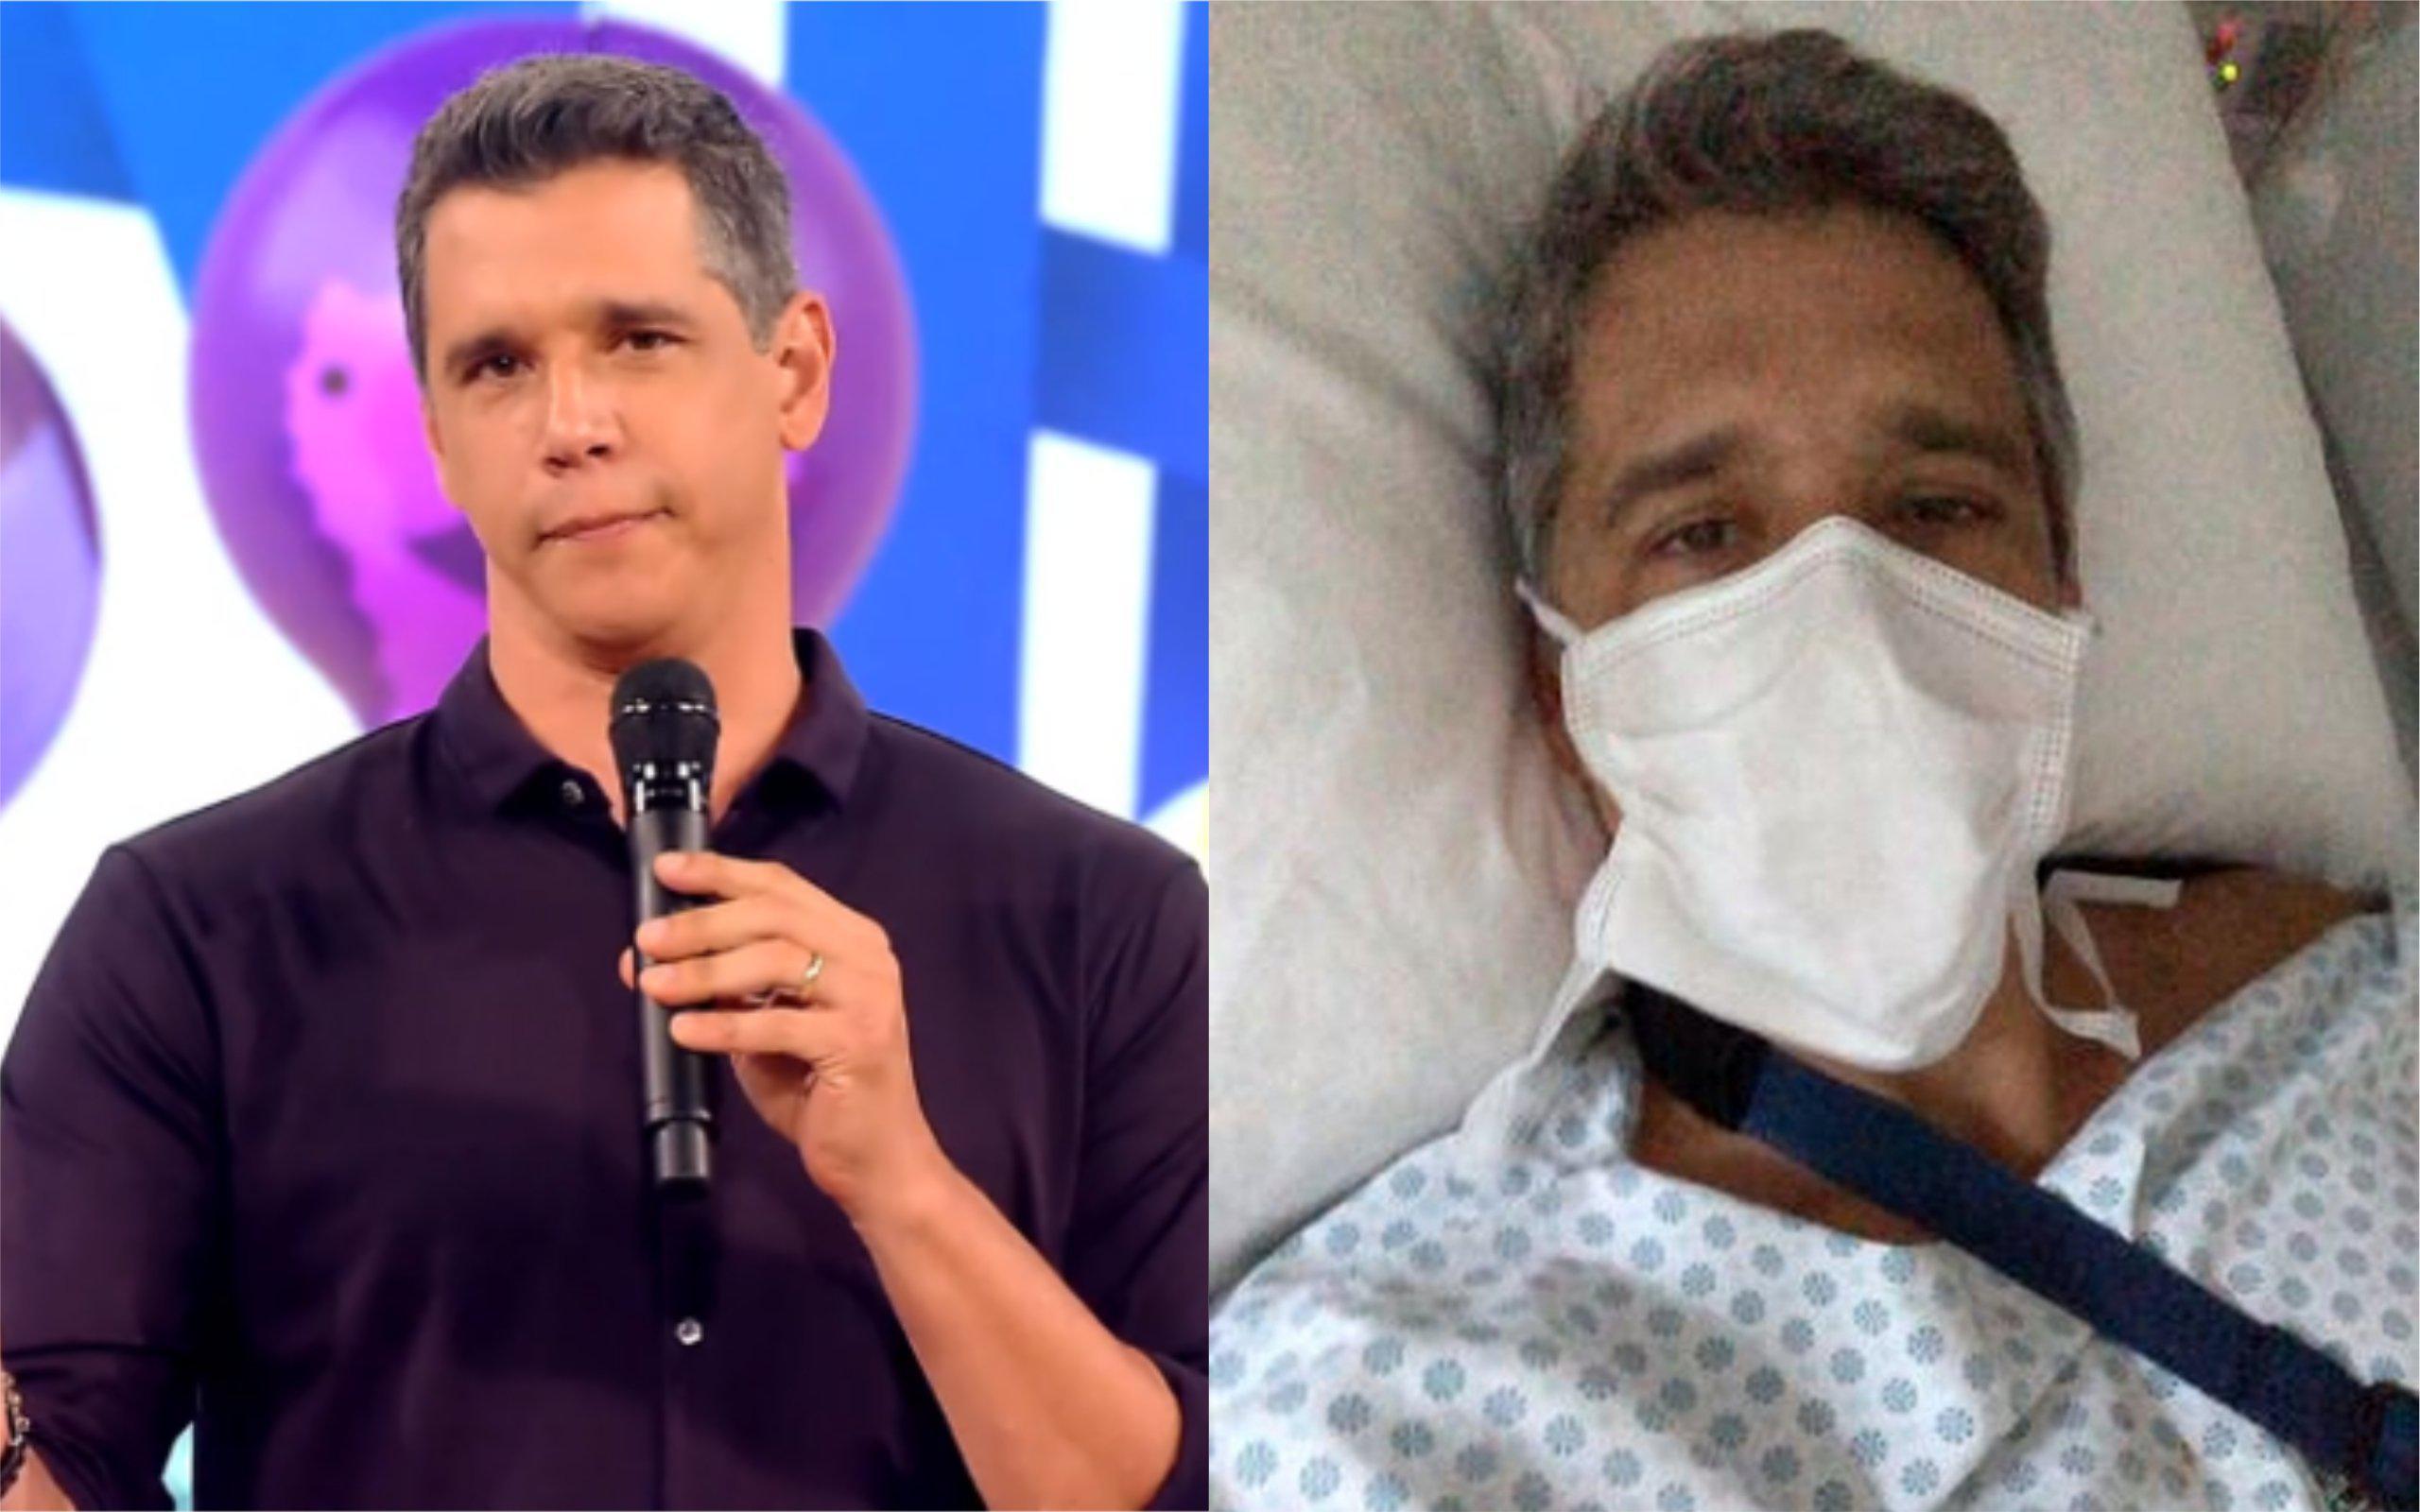 O famoso apresentador da Rede Globo, Marcio Garcia, precisou ser internado às pressas em uma clínica particular na Gávea, Rio de Janeiro. / Foto: Divulgação